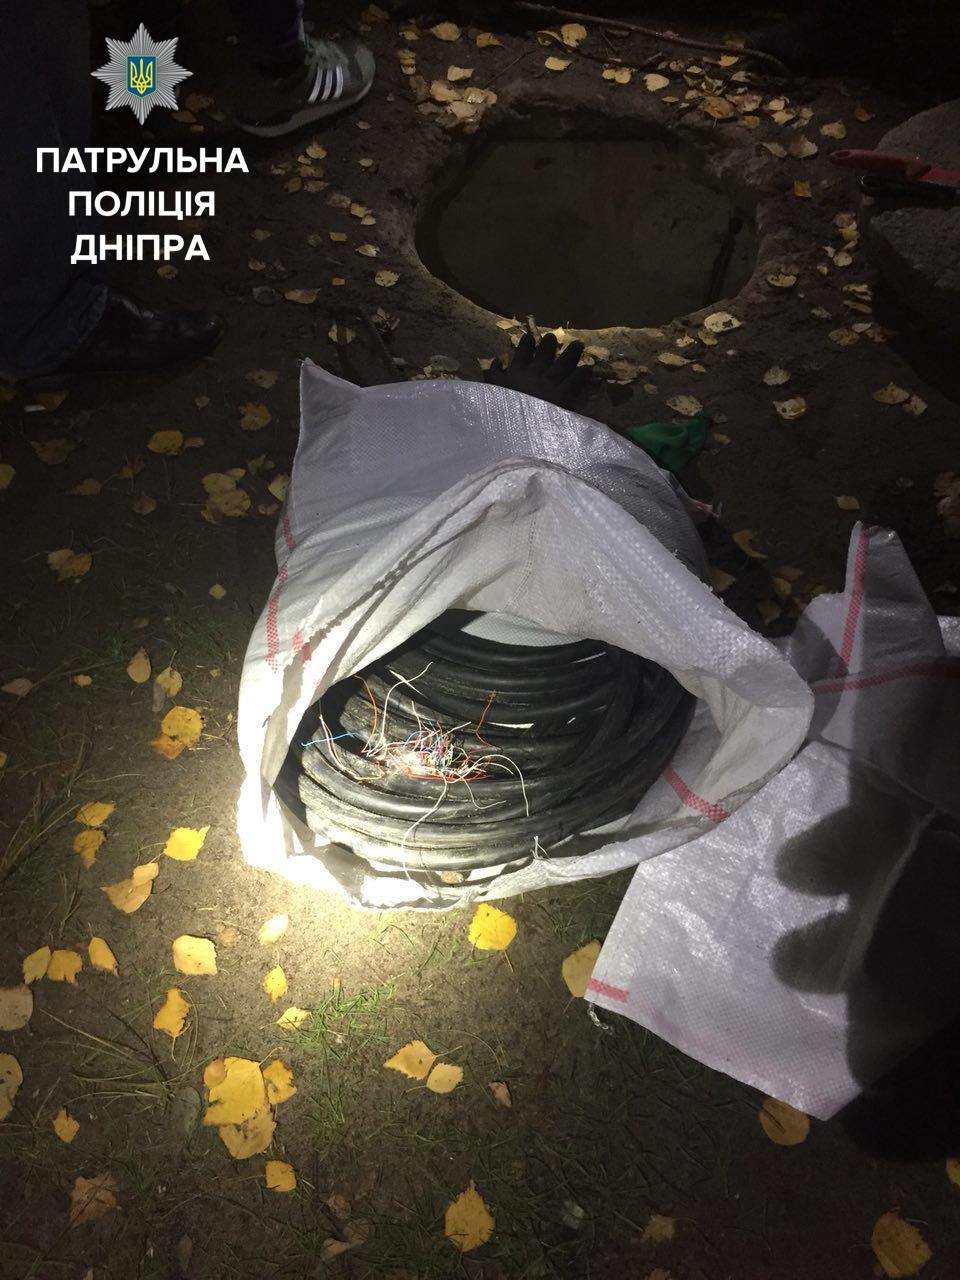 Днепровские копы поймали воров кабеля (ФОТО), фото-2